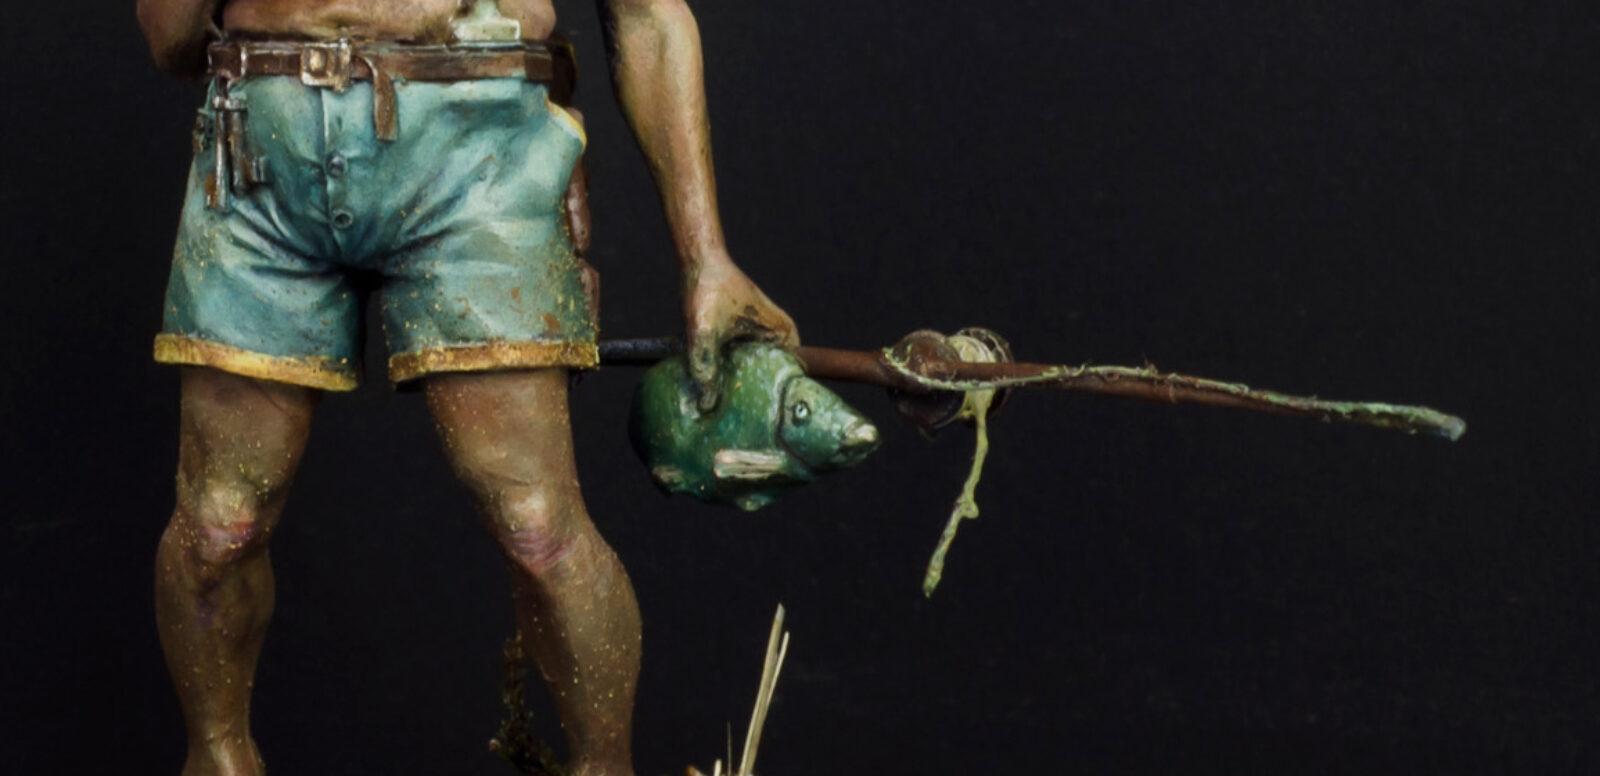 Fishboy06